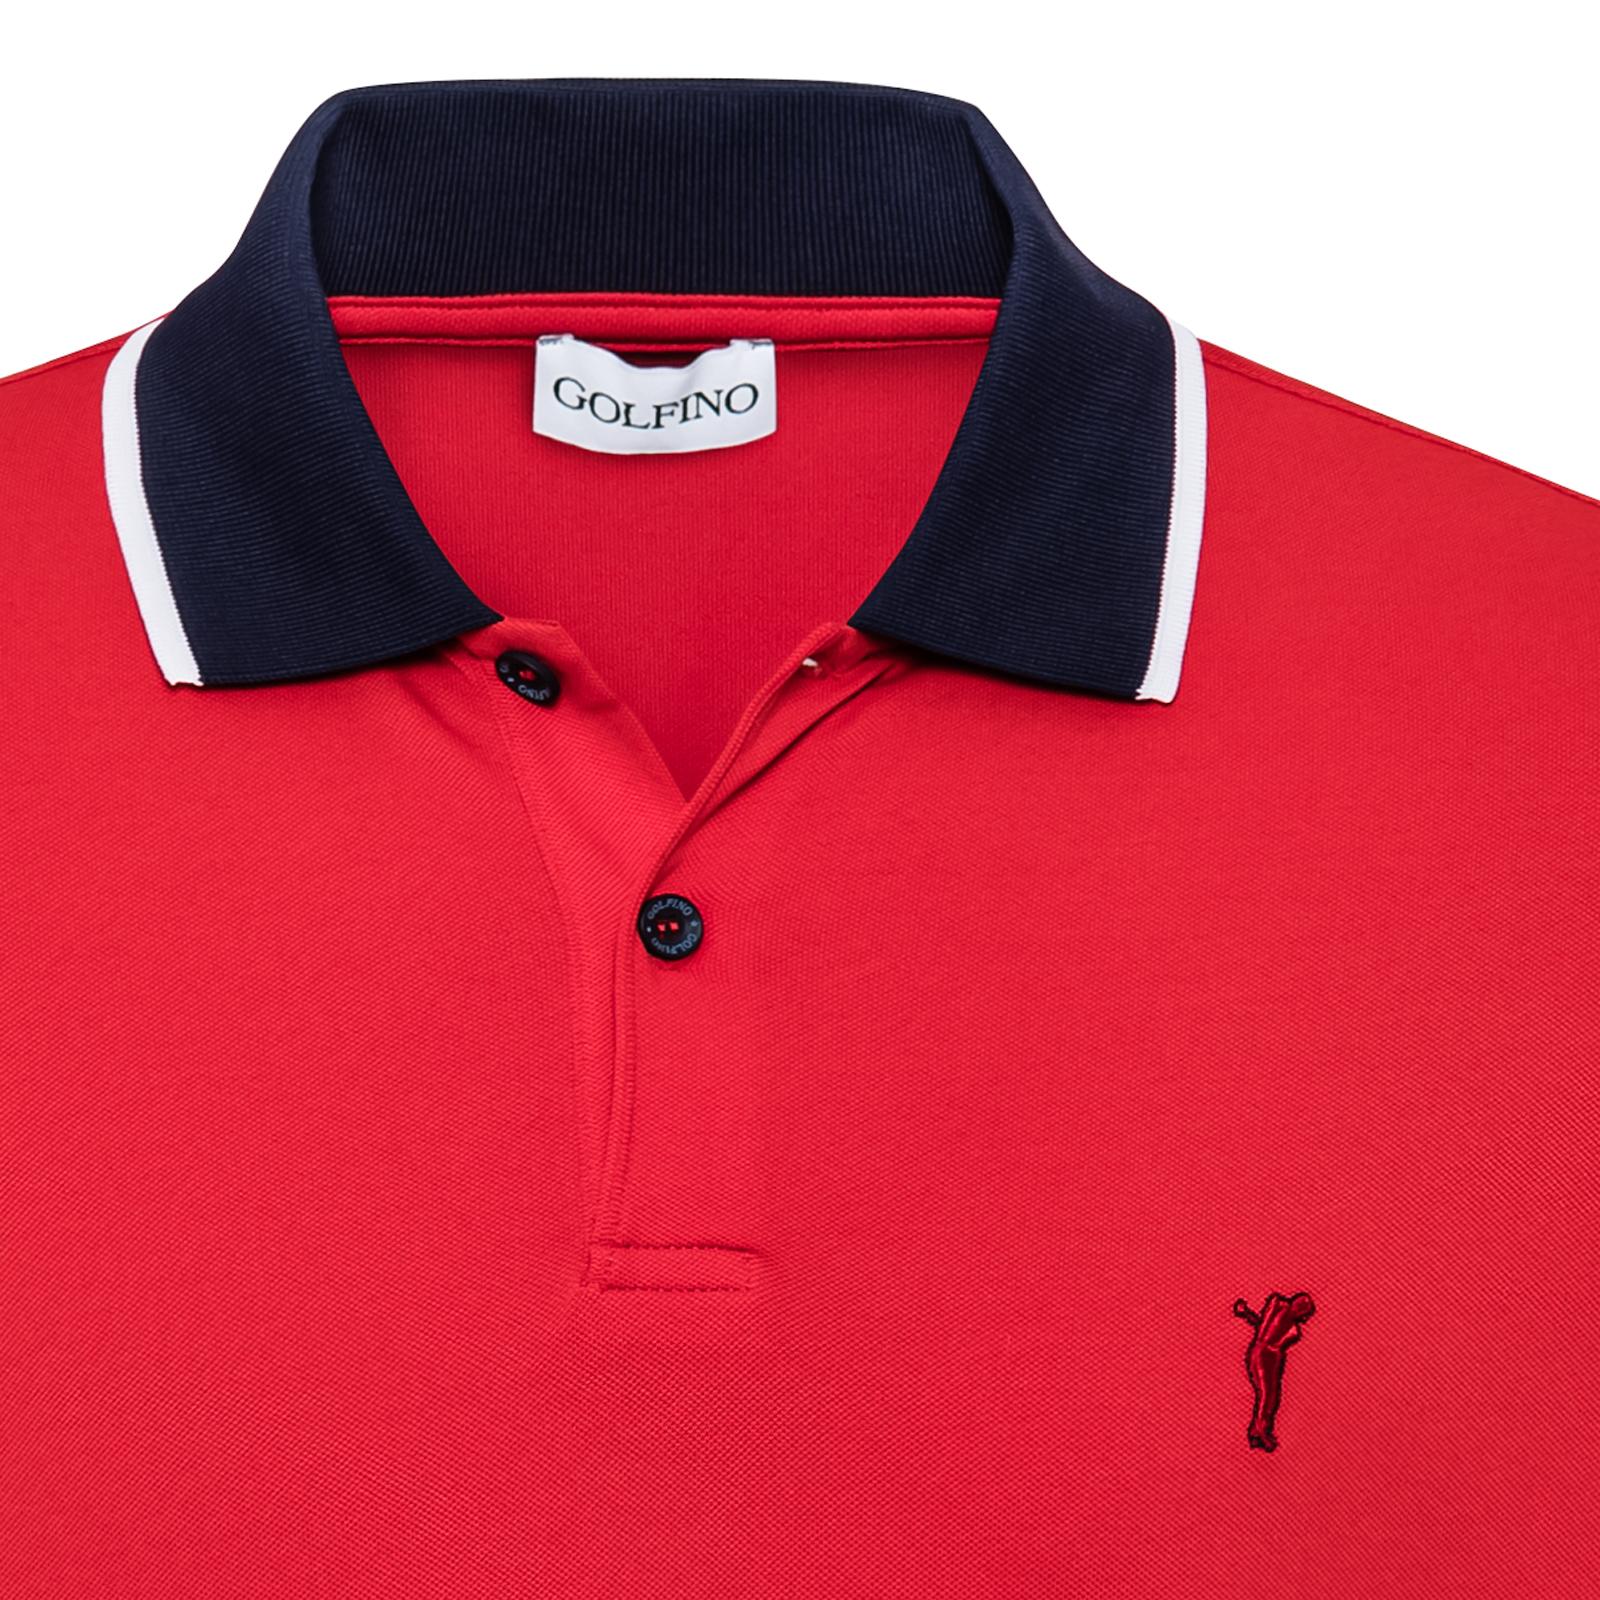 Langärmeliges Herren Poloshirt mit Sonnenschutz